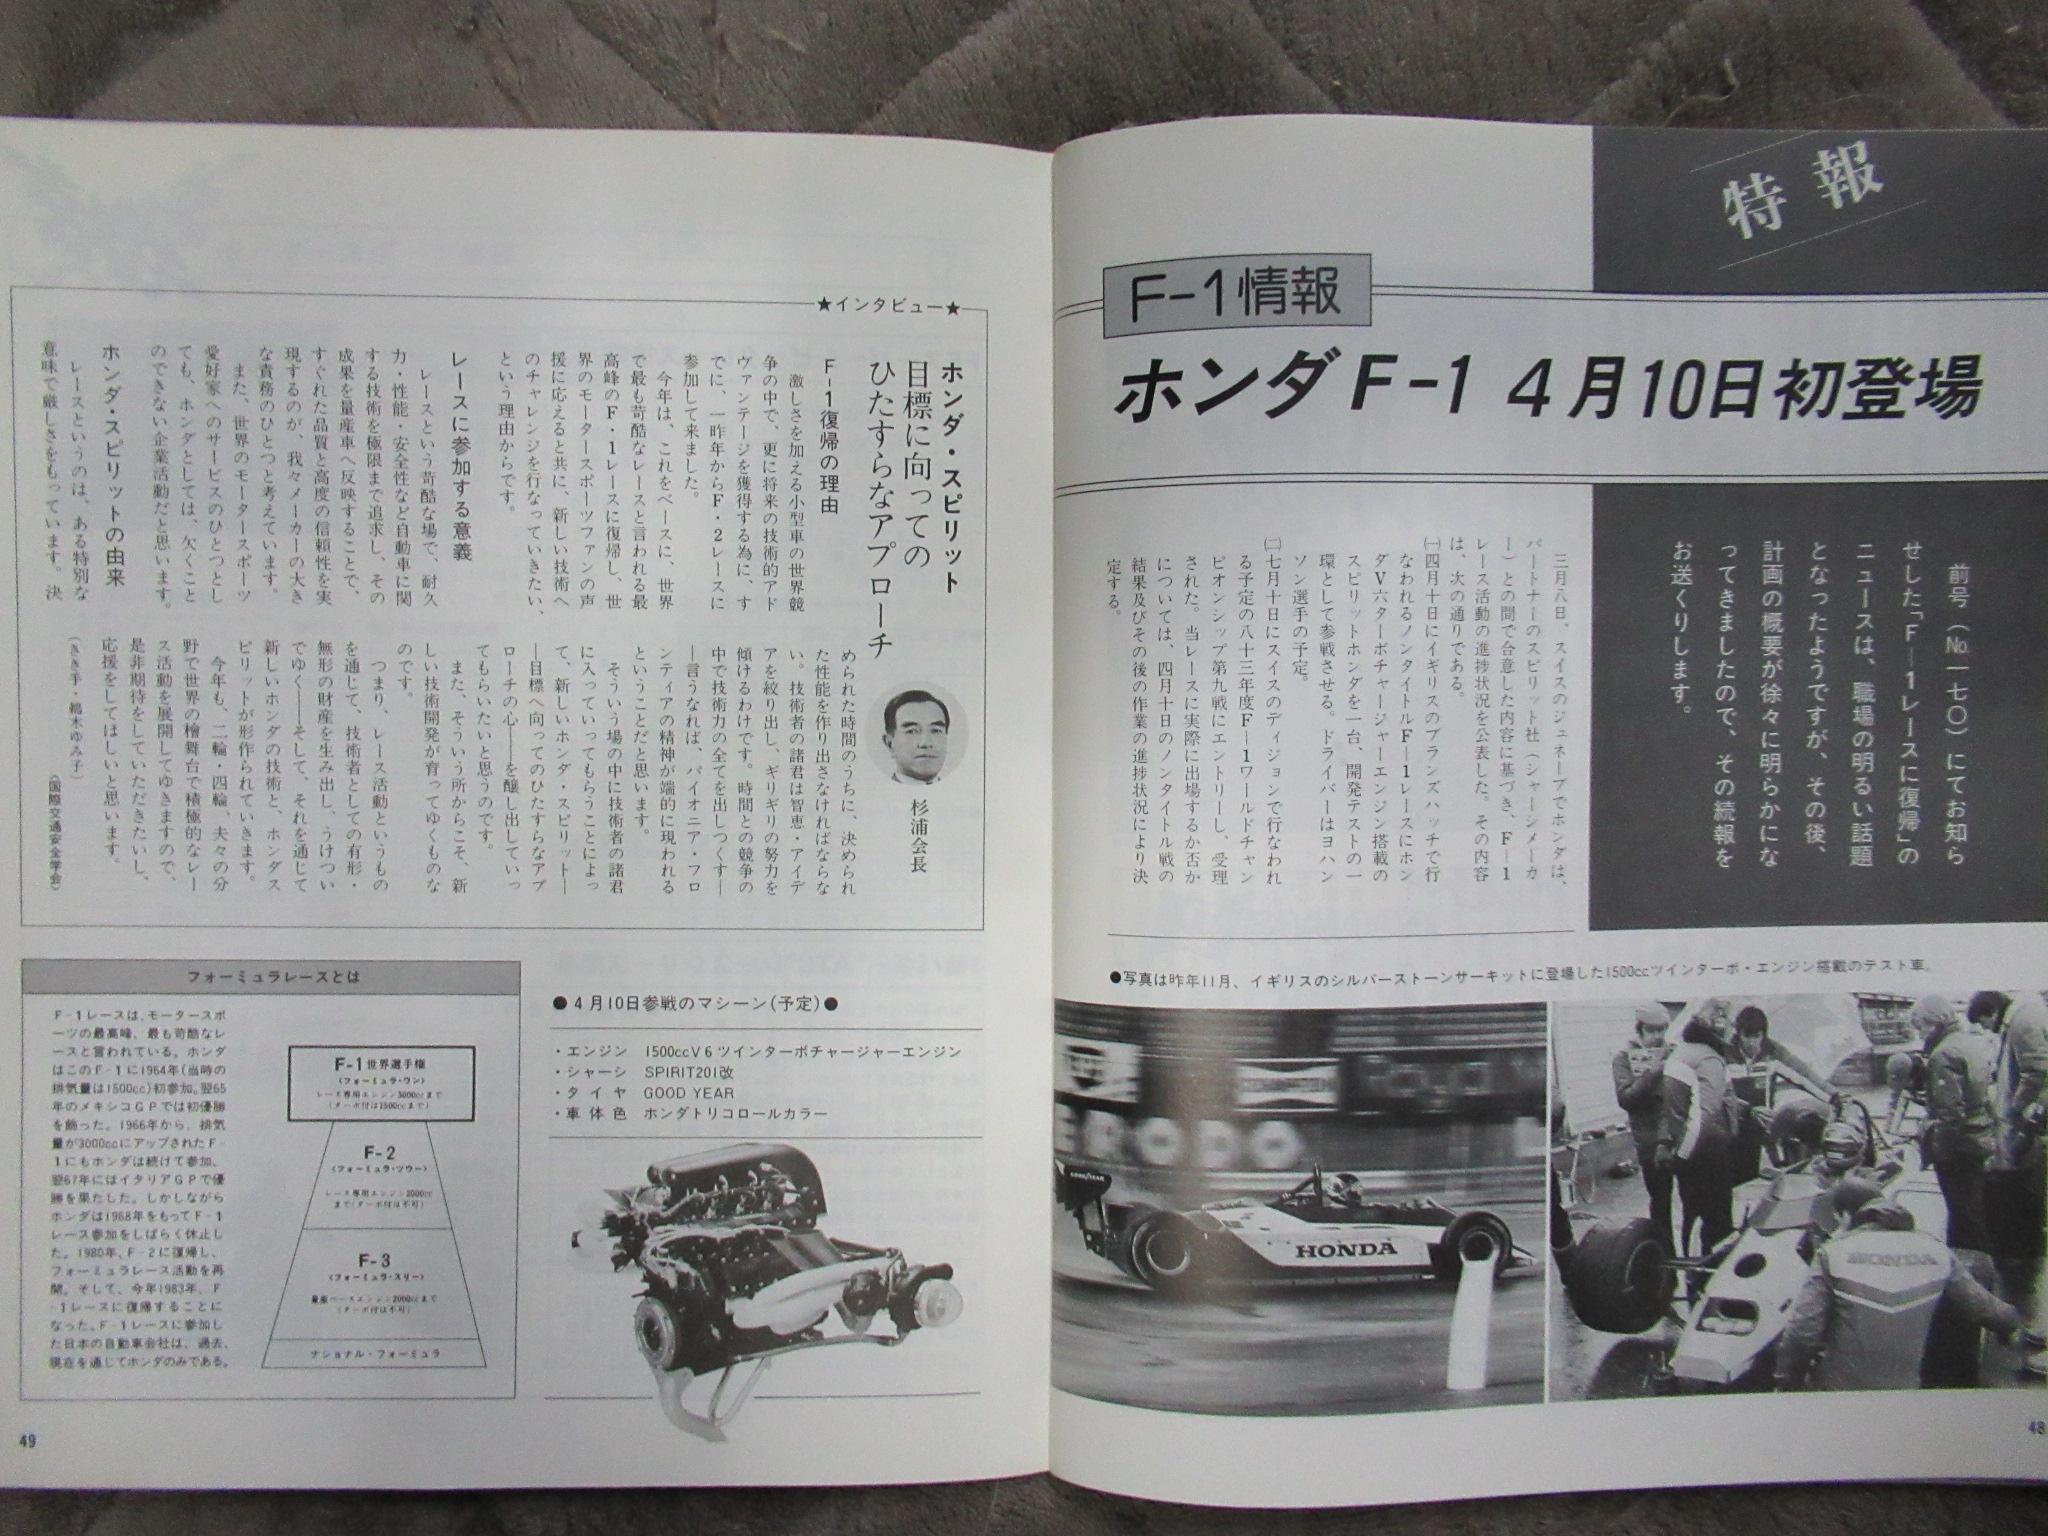 http://www.precious-factory.com/preciousfactory2010/IMG_0127.JPG